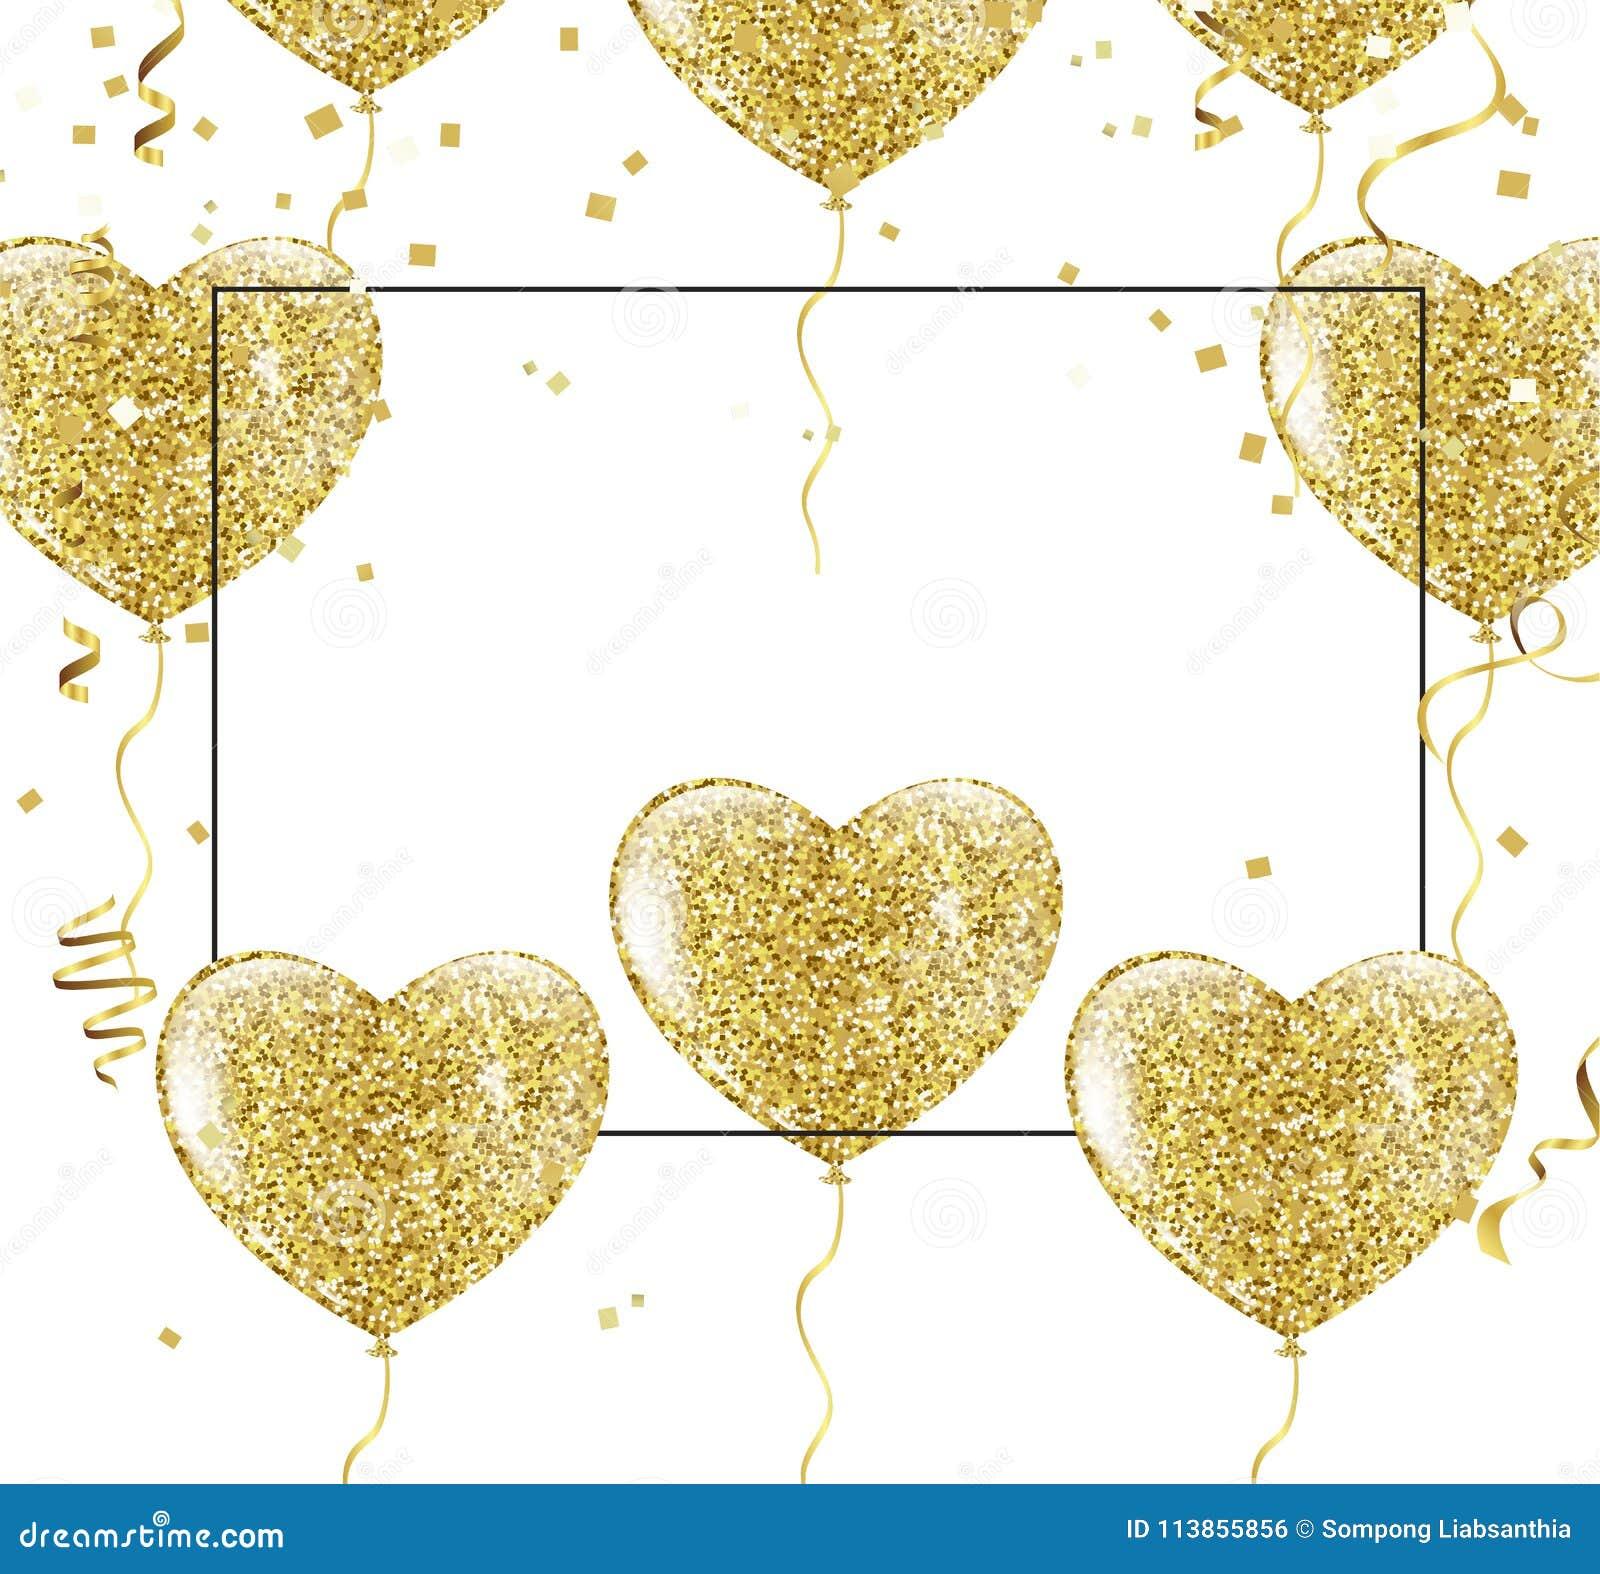 Χρυσά μπαλόνια με μορφή μιας καρδιάς σε ένα υπόβαθρο το shap